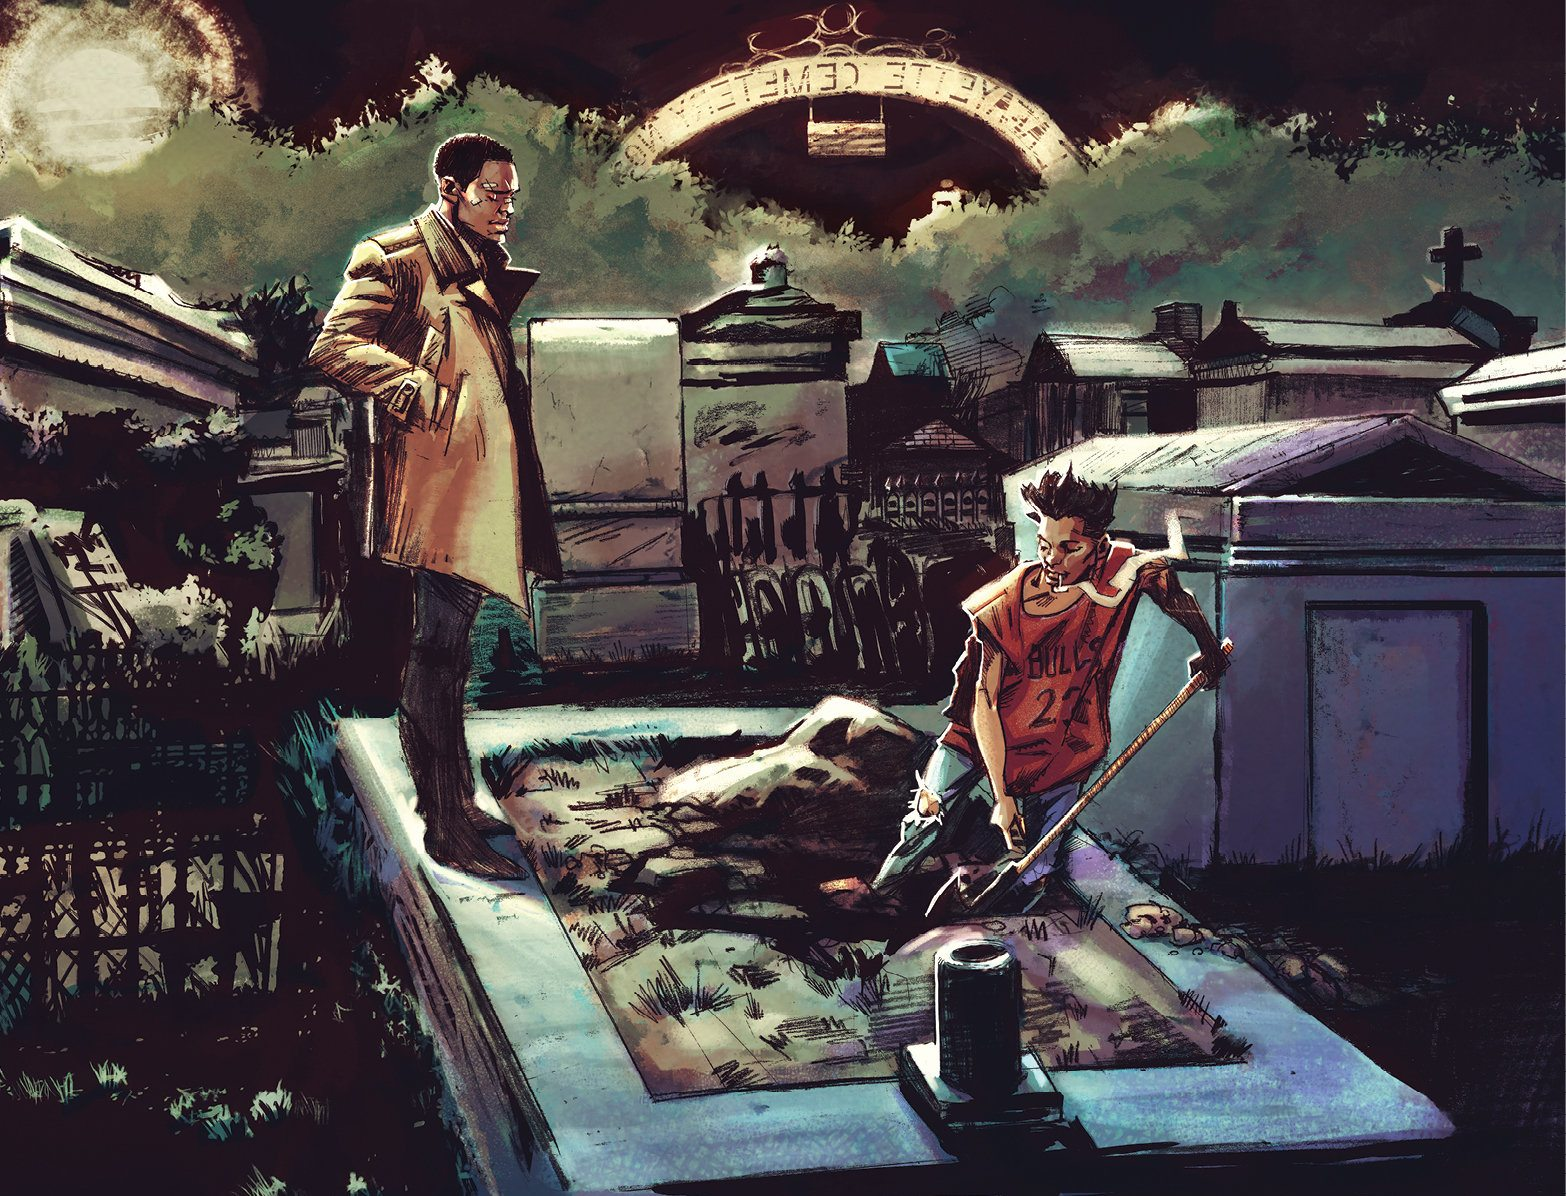 La serie de terror nigromántica de Cullen Bunn, Bone Parish, se lanzará en julio